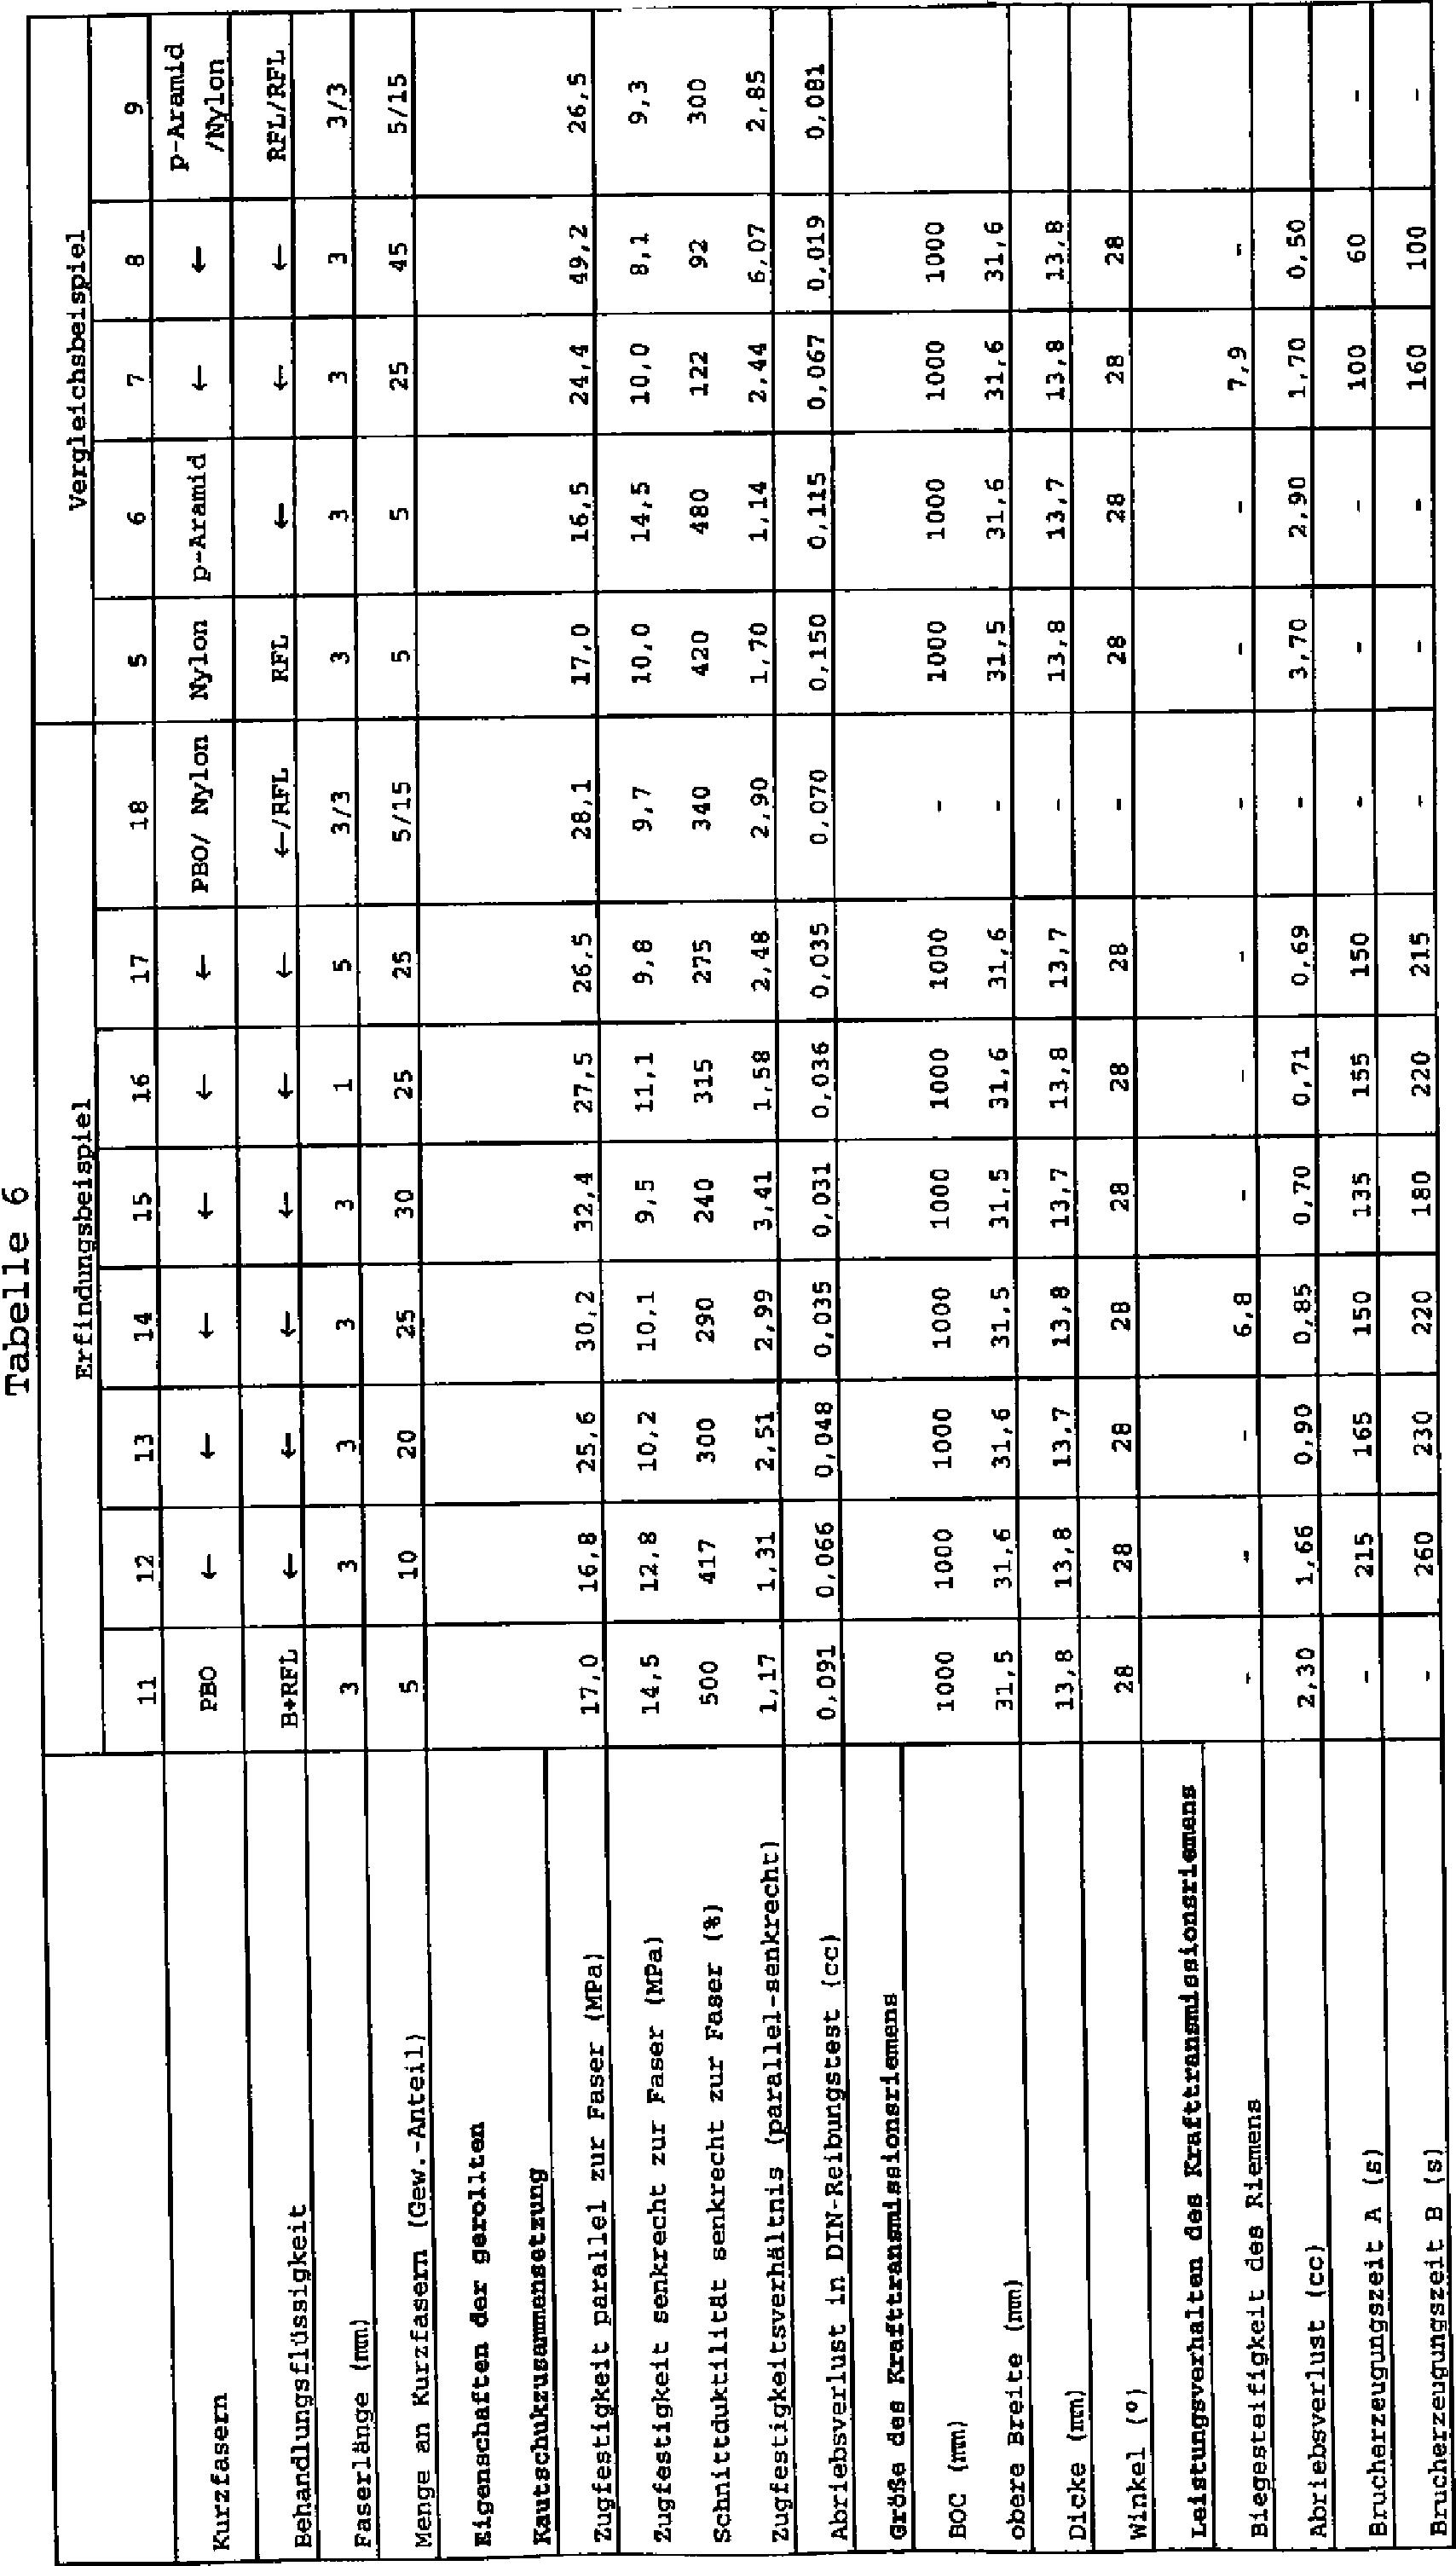 Figure DE000010204092B4_0003